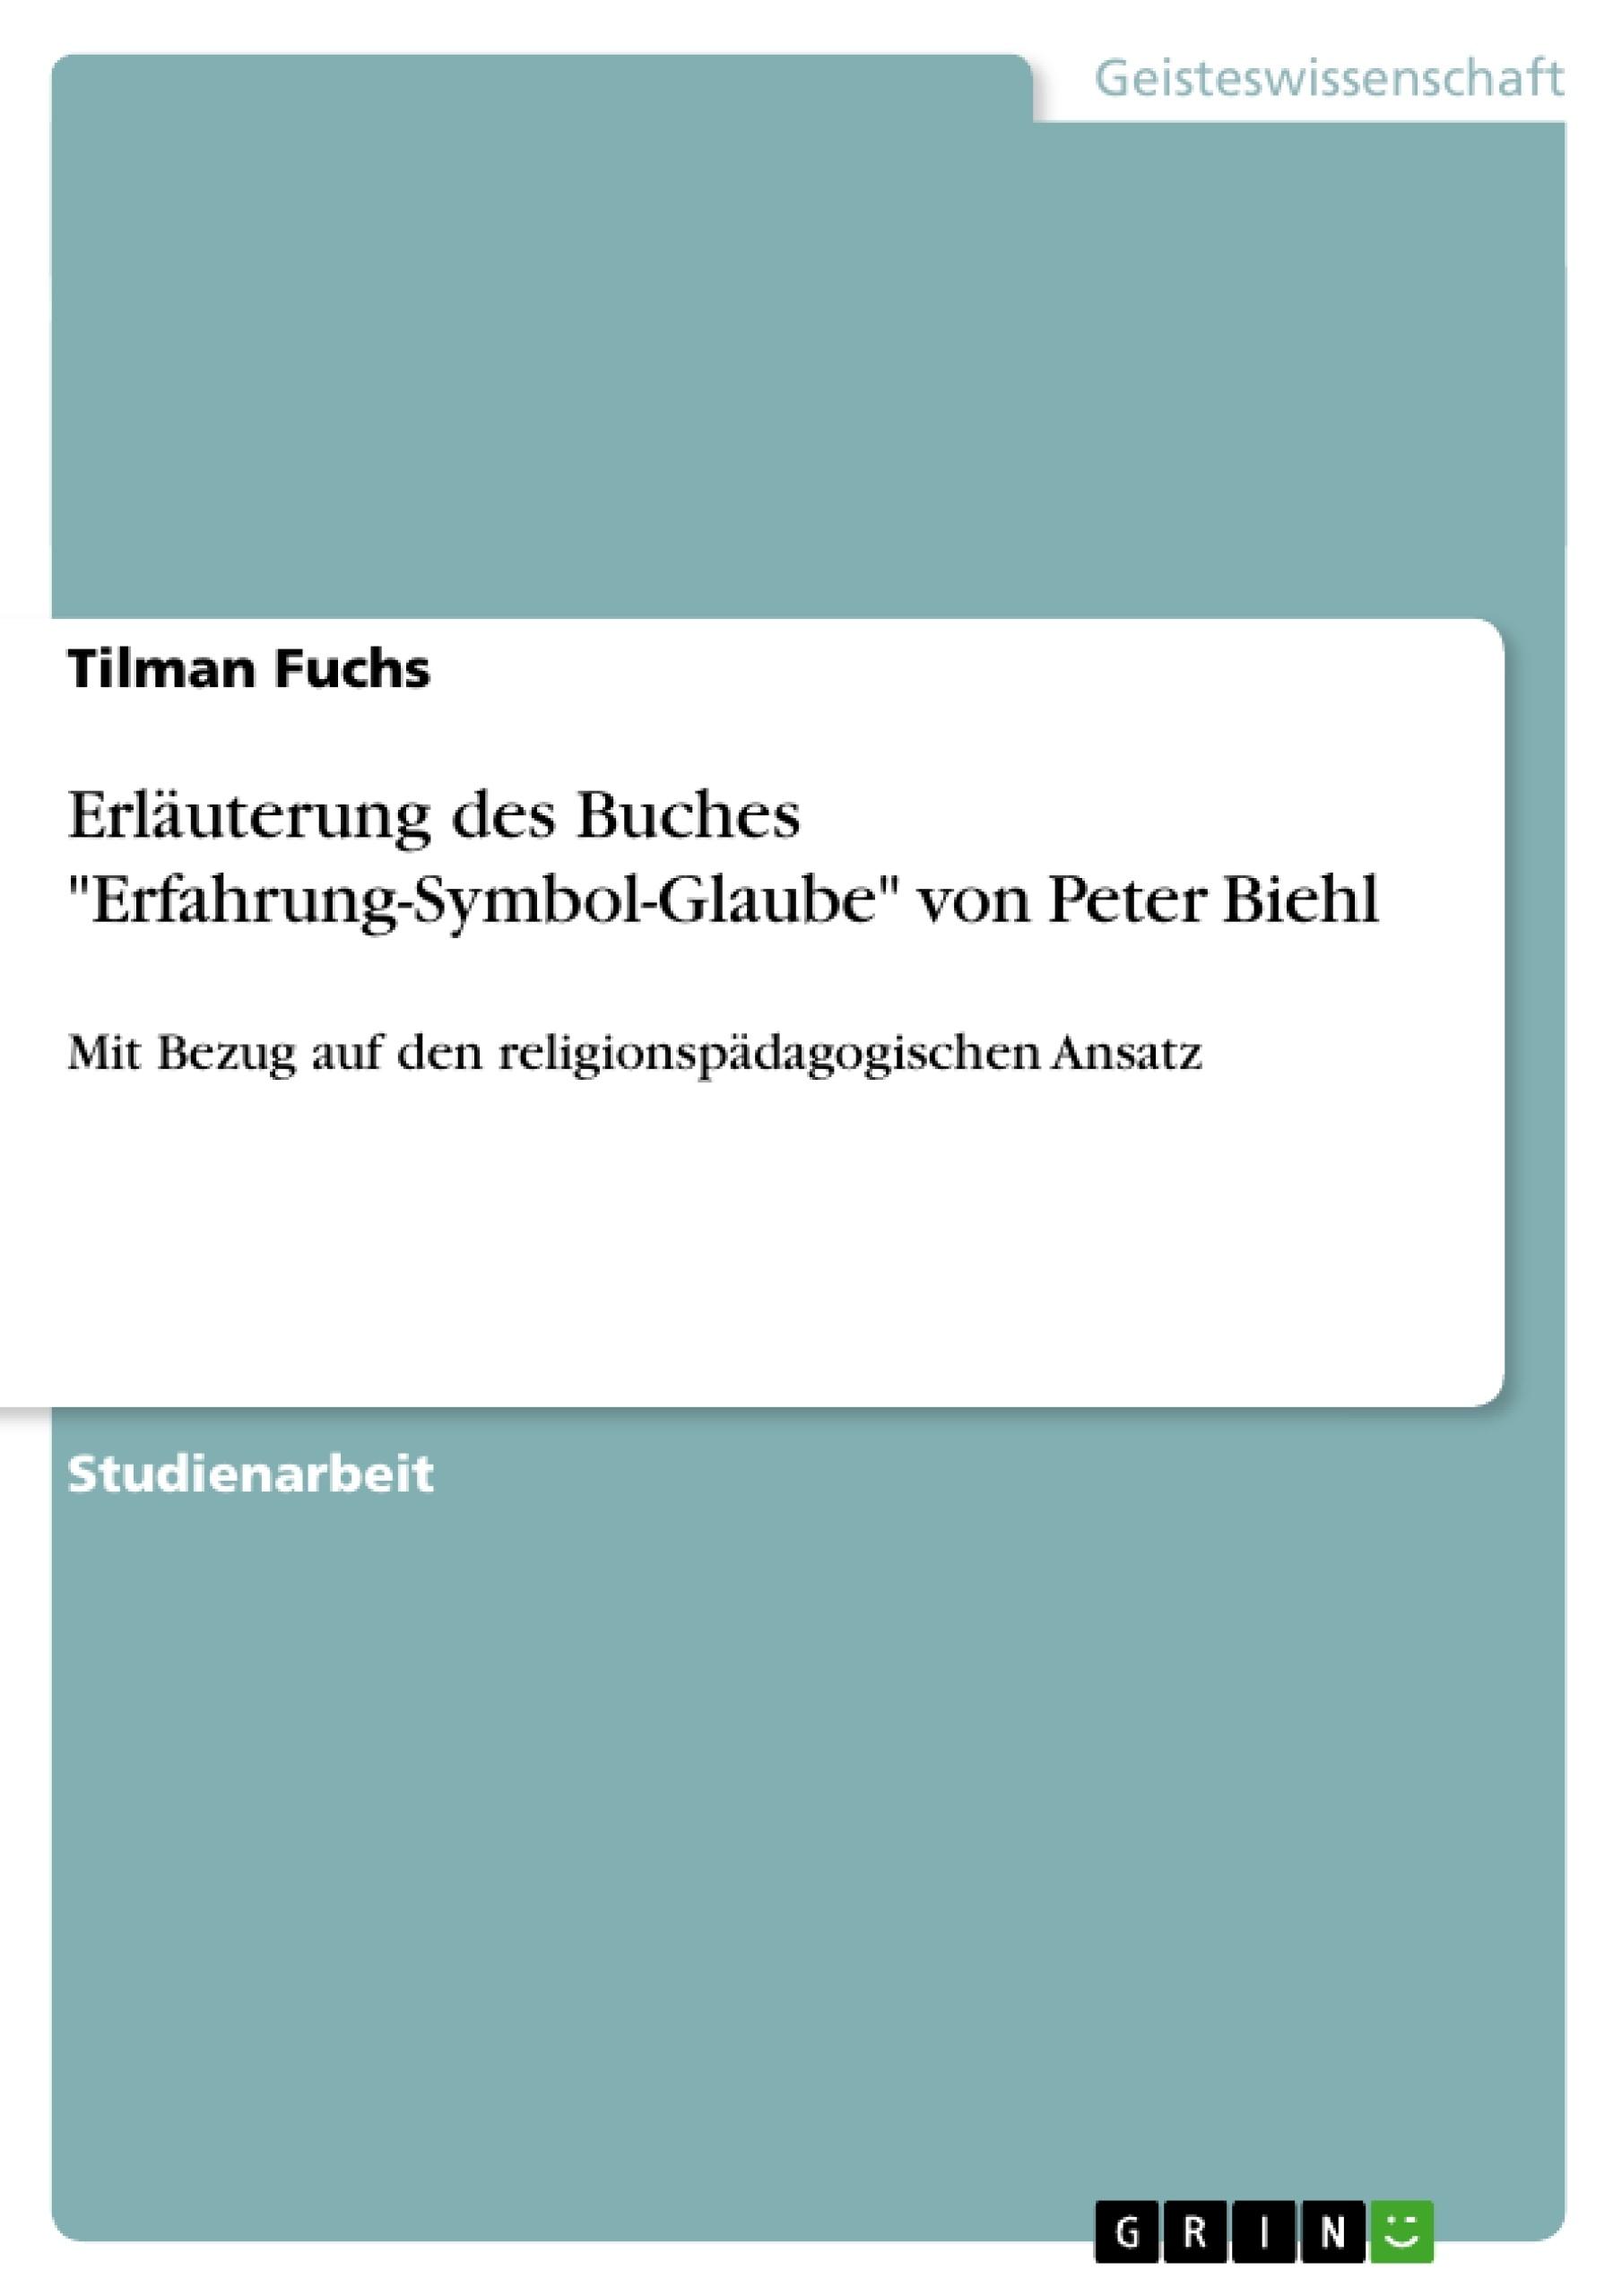 """Titel: Erläuterung des Buches """"Erfahrung-Symbol-Glaube"""" von Peter Biehl"""